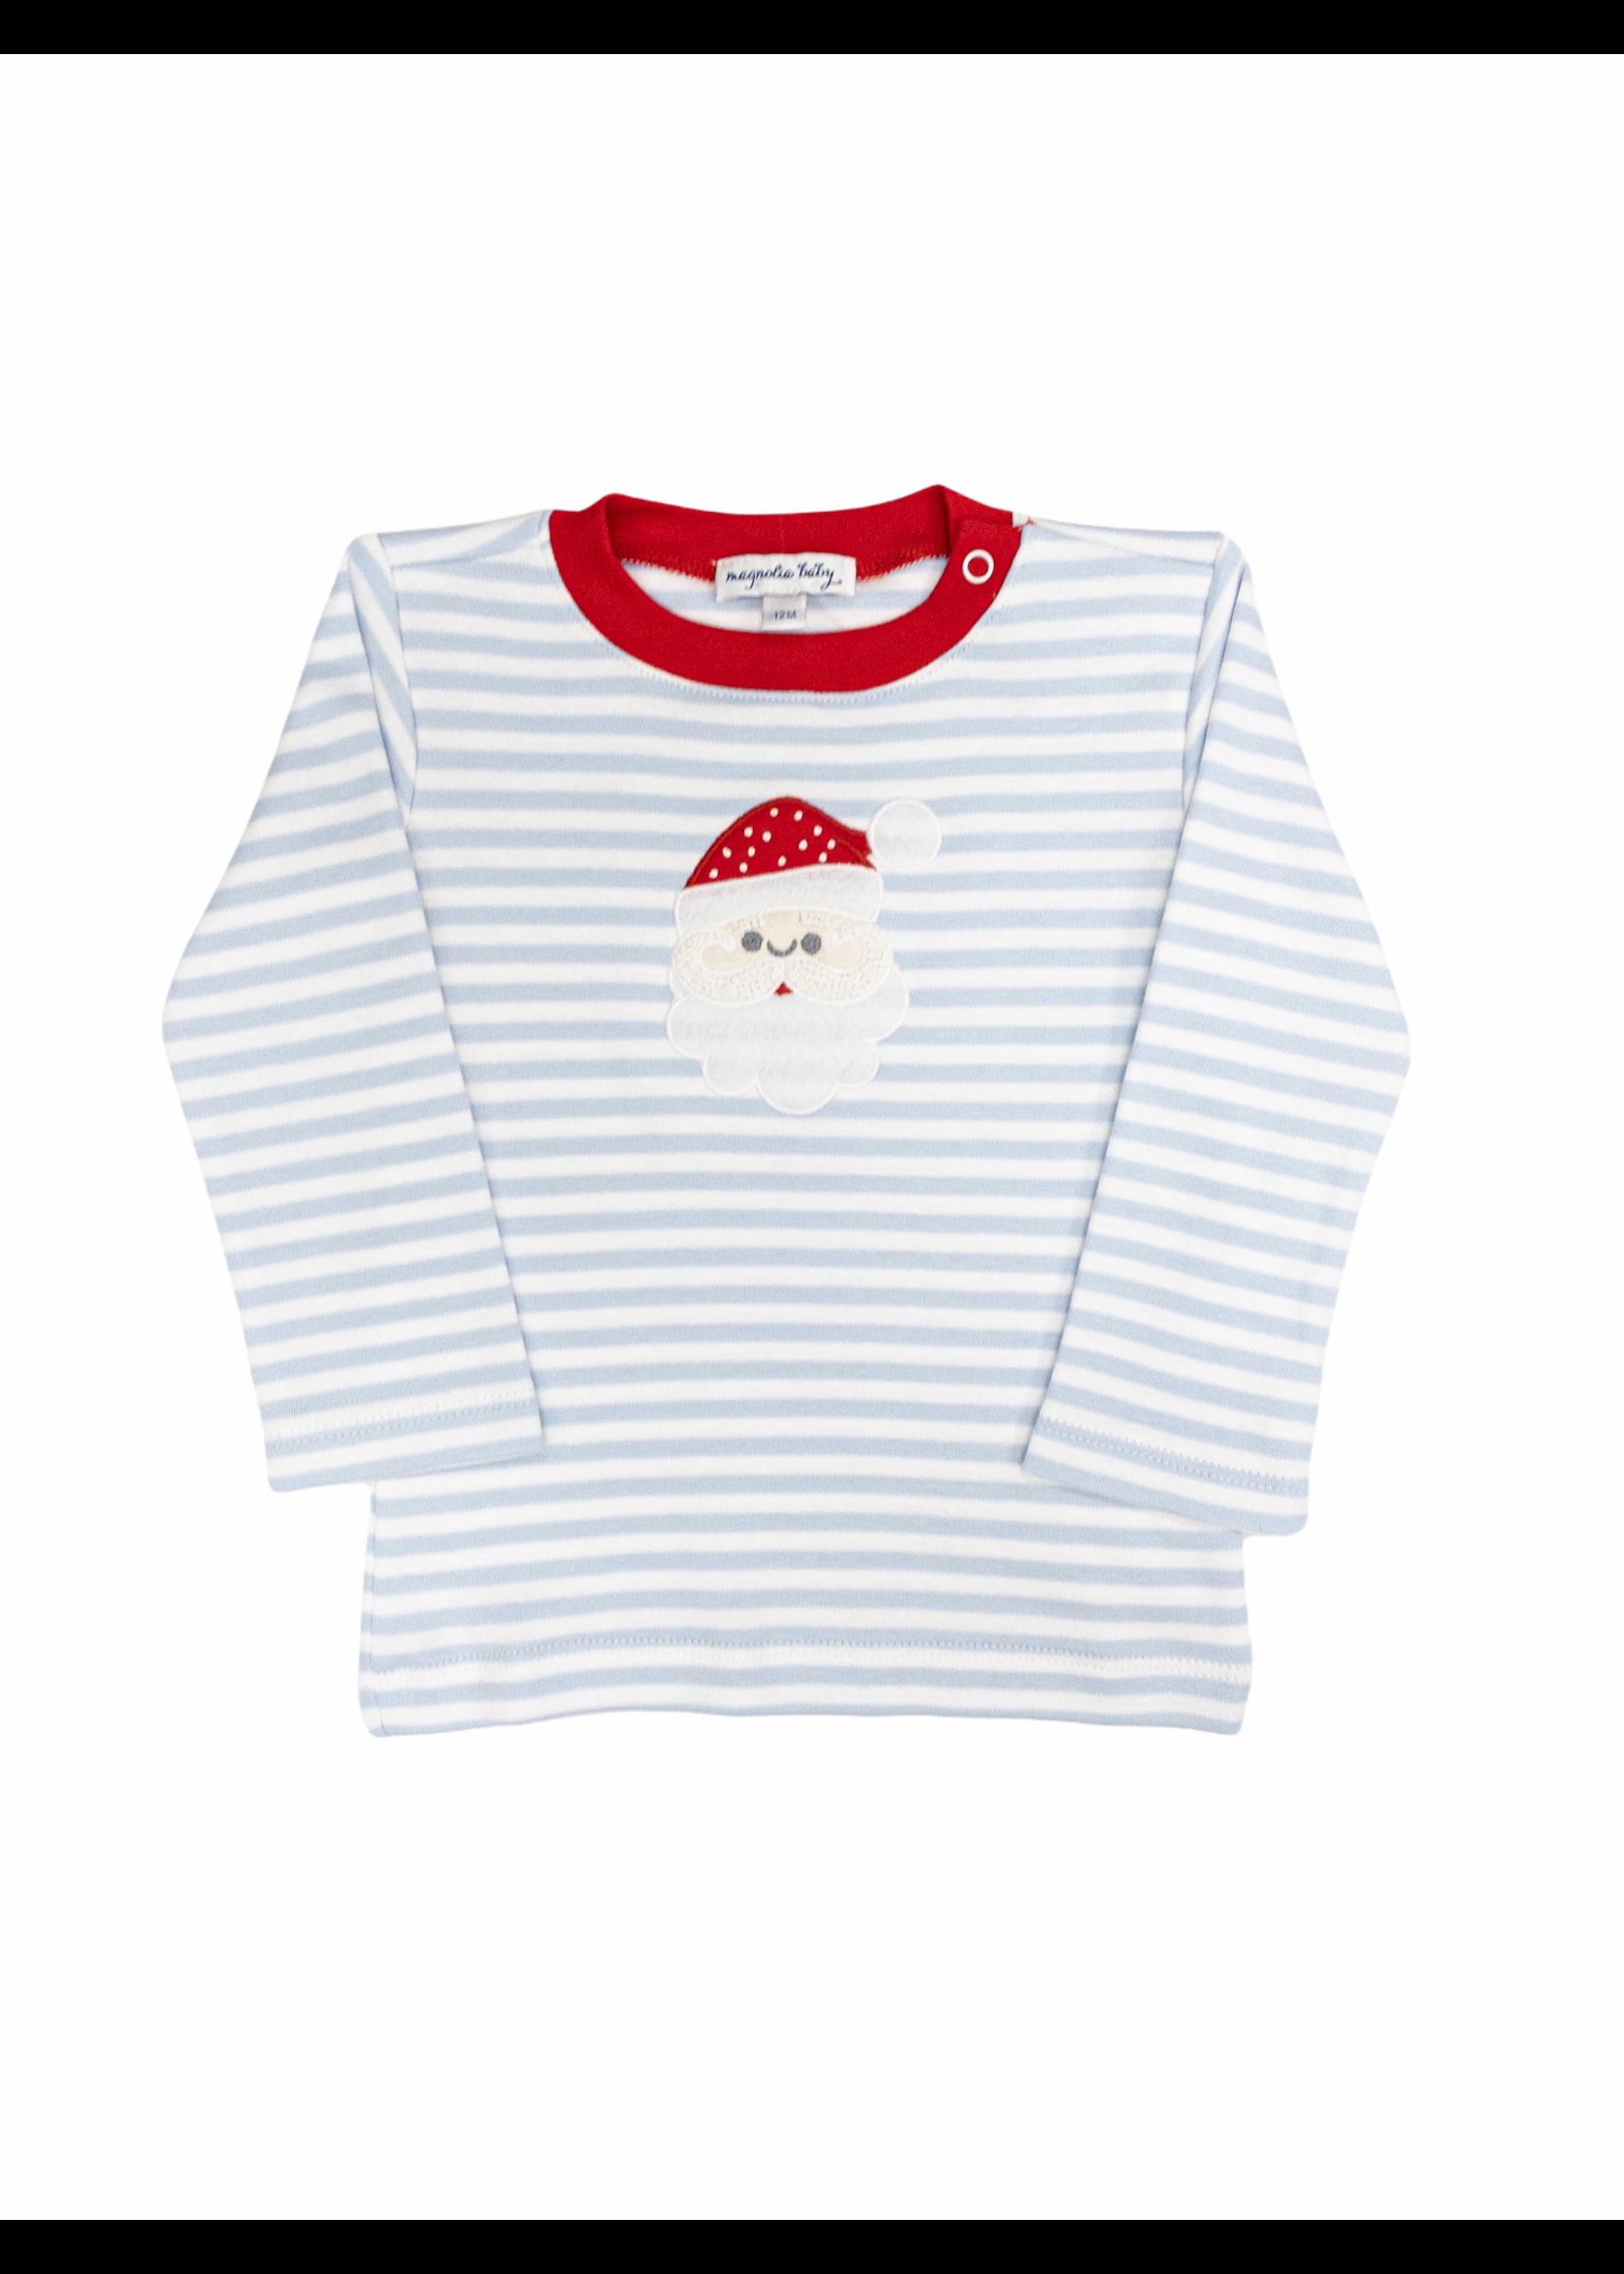 Magnolia Baby Santa Clause Long Sleeve Shirt